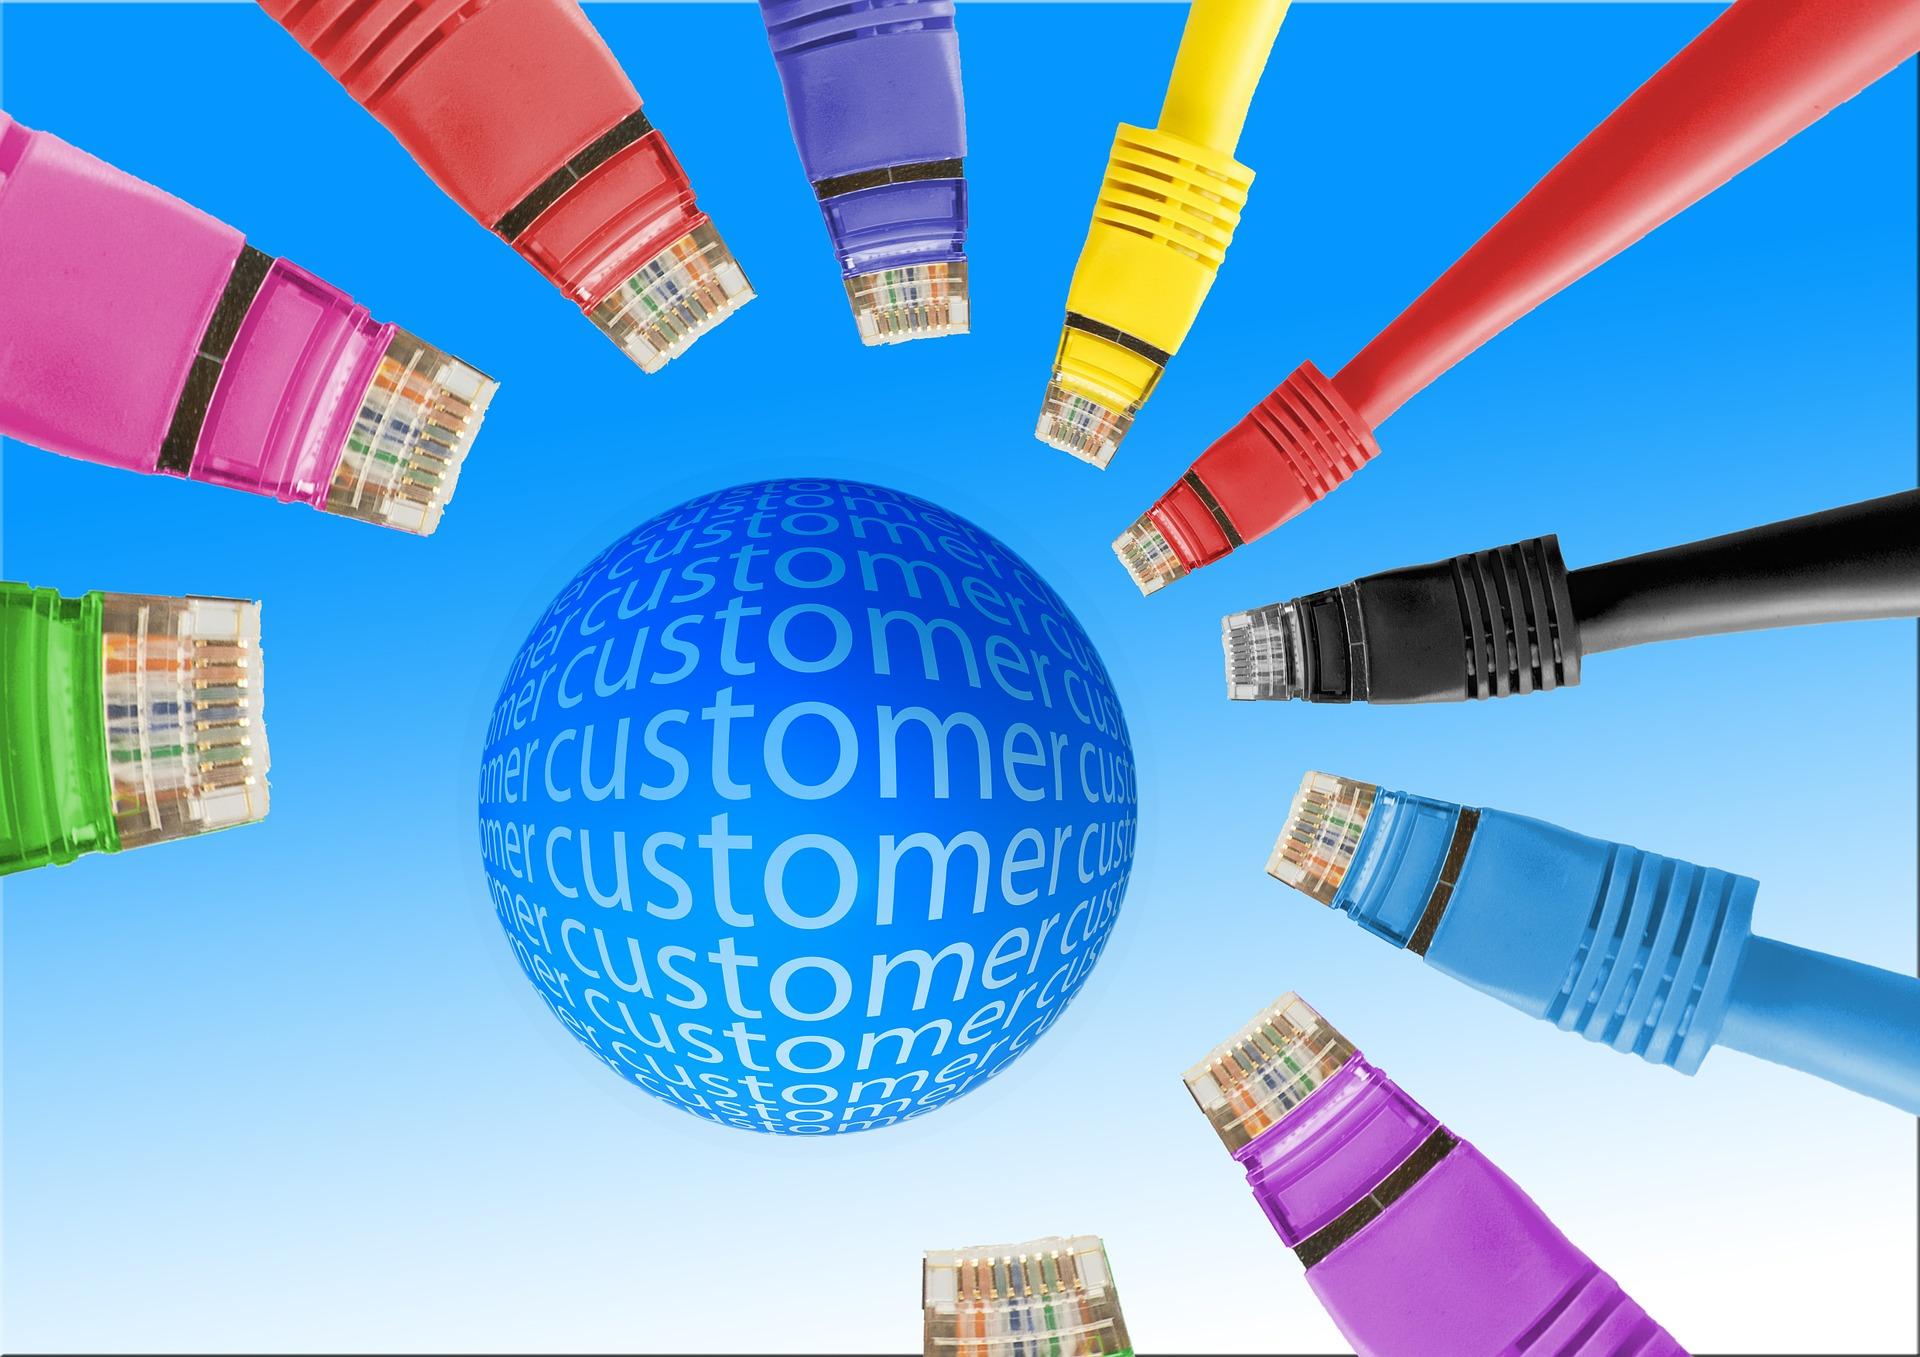 customer engagement through inbound customer service